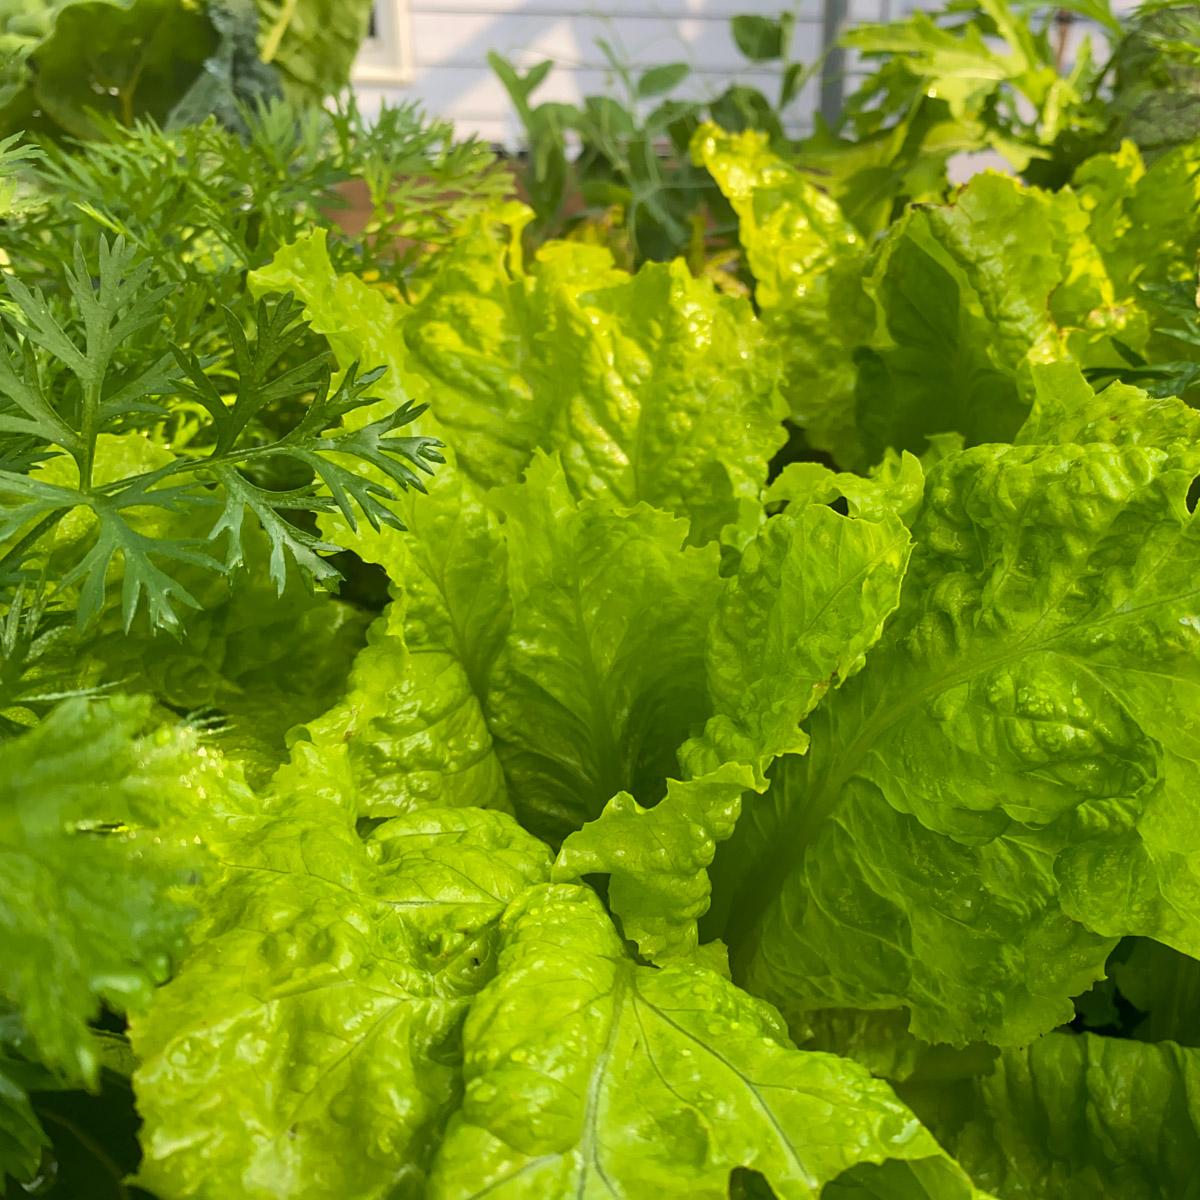 blog-1-sept-2021-tour-of-the-planty-garden15.jpg